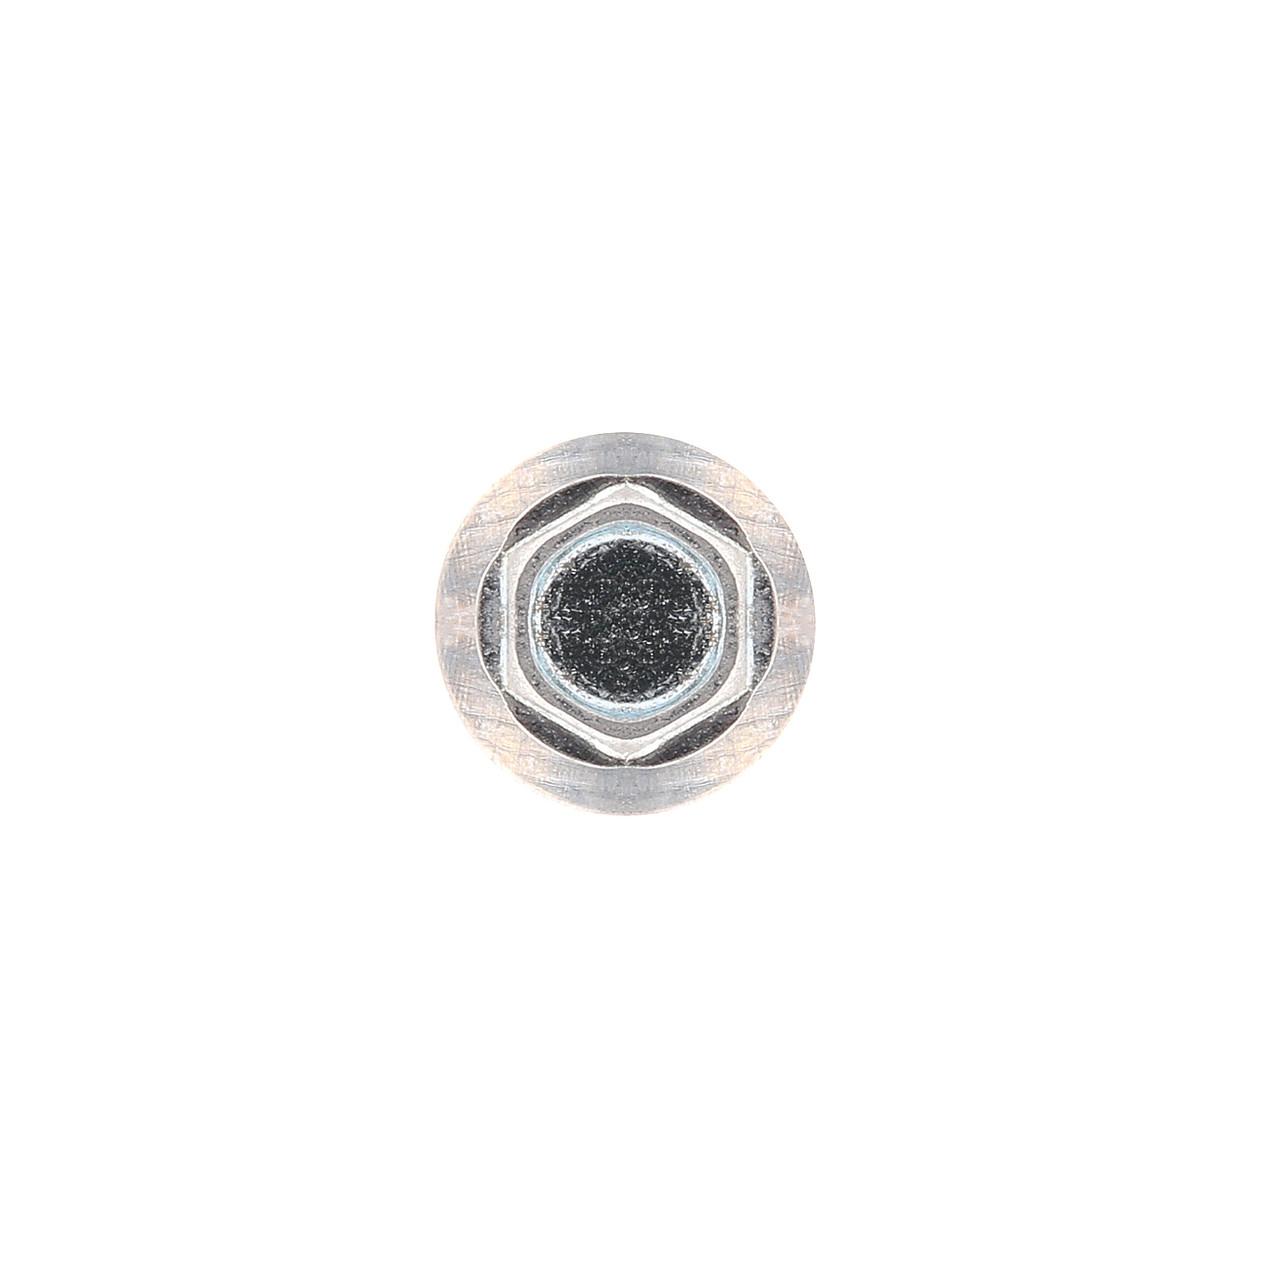 Саморез по металлу кровельный оцинкованный со сверлом BudMonster 5,5х19 мм 500 шт (10101) - фото 2